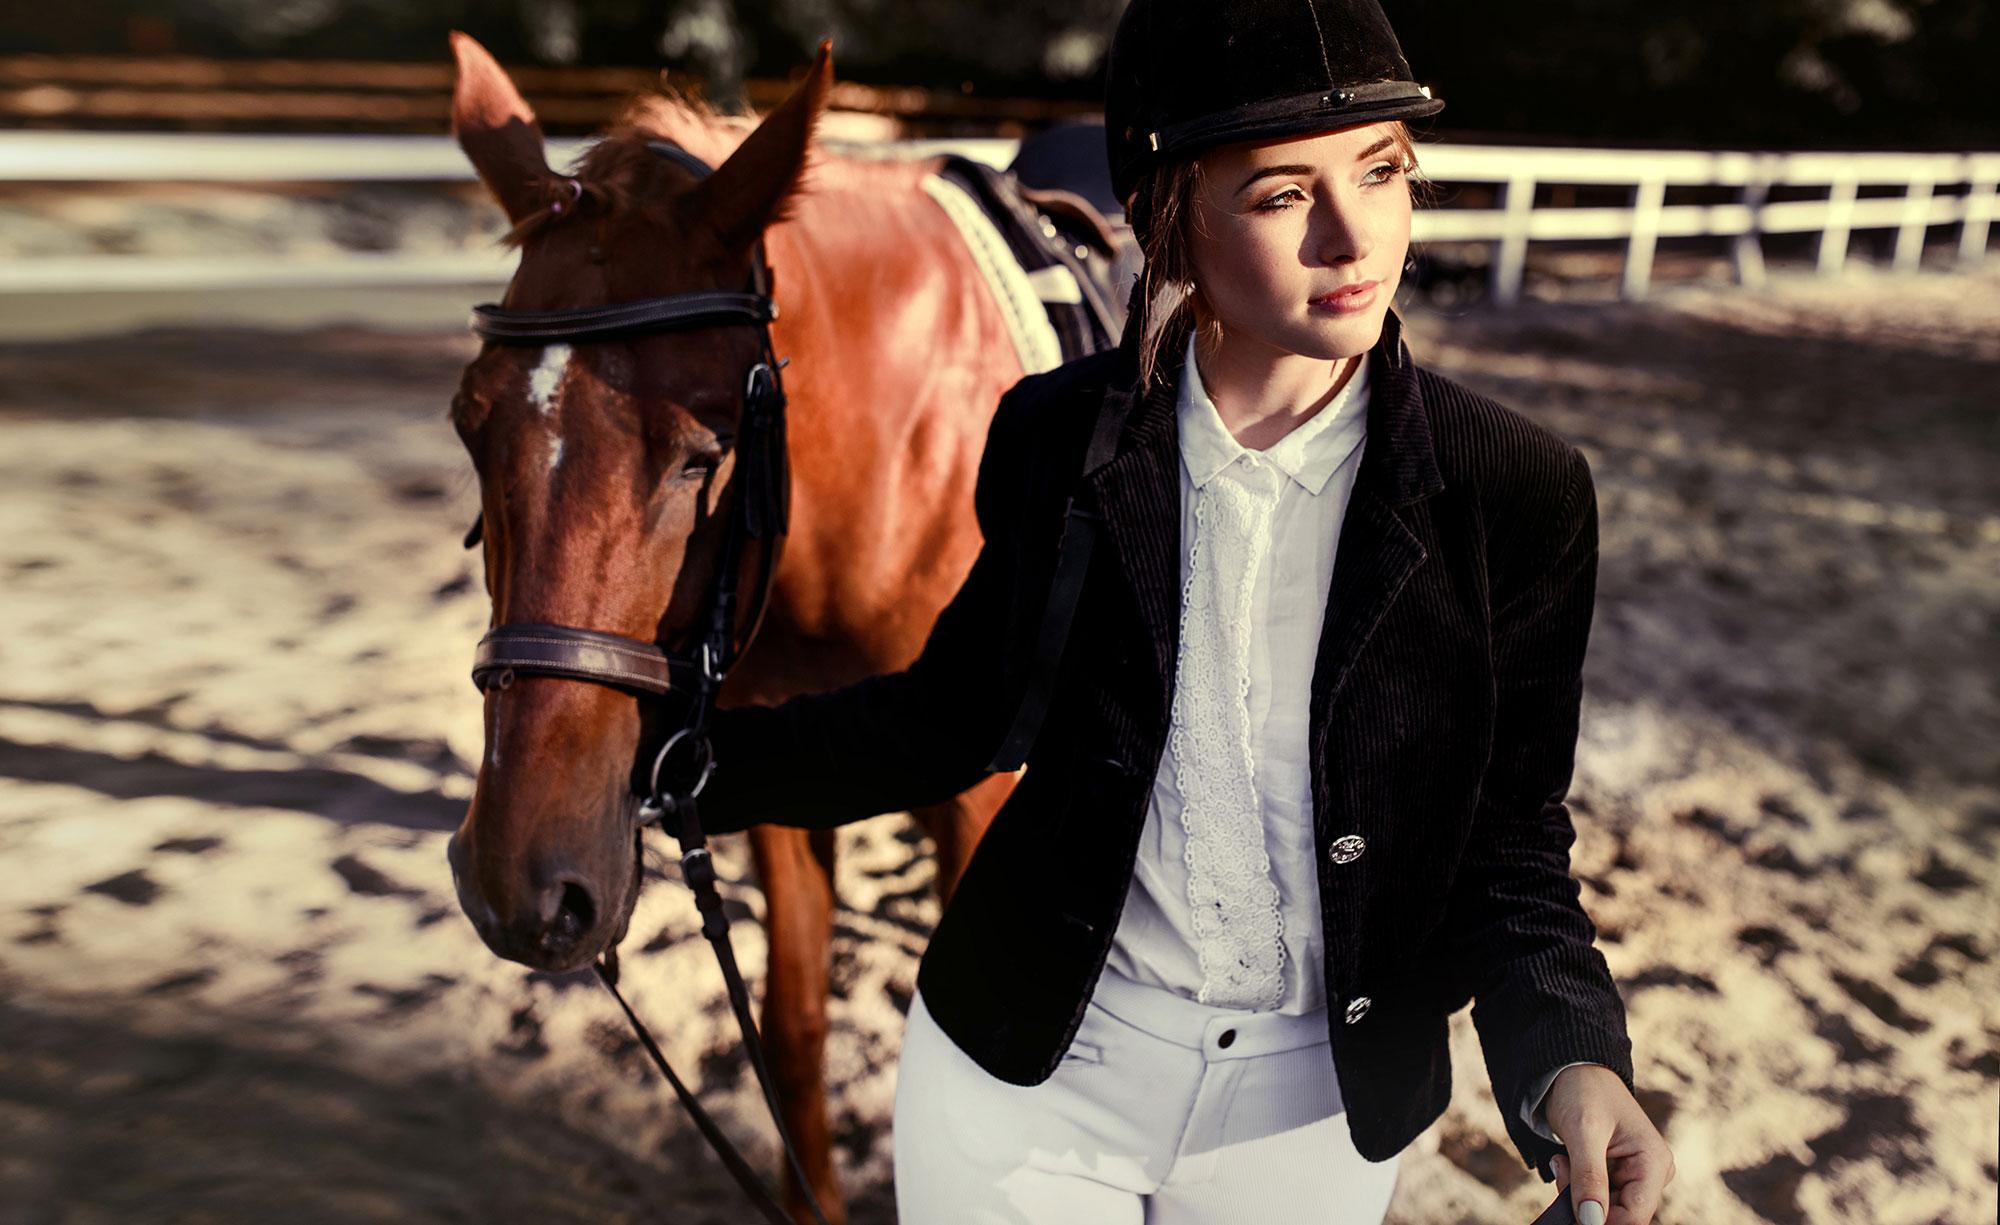 Олена Кравцова. Дівчина з конем